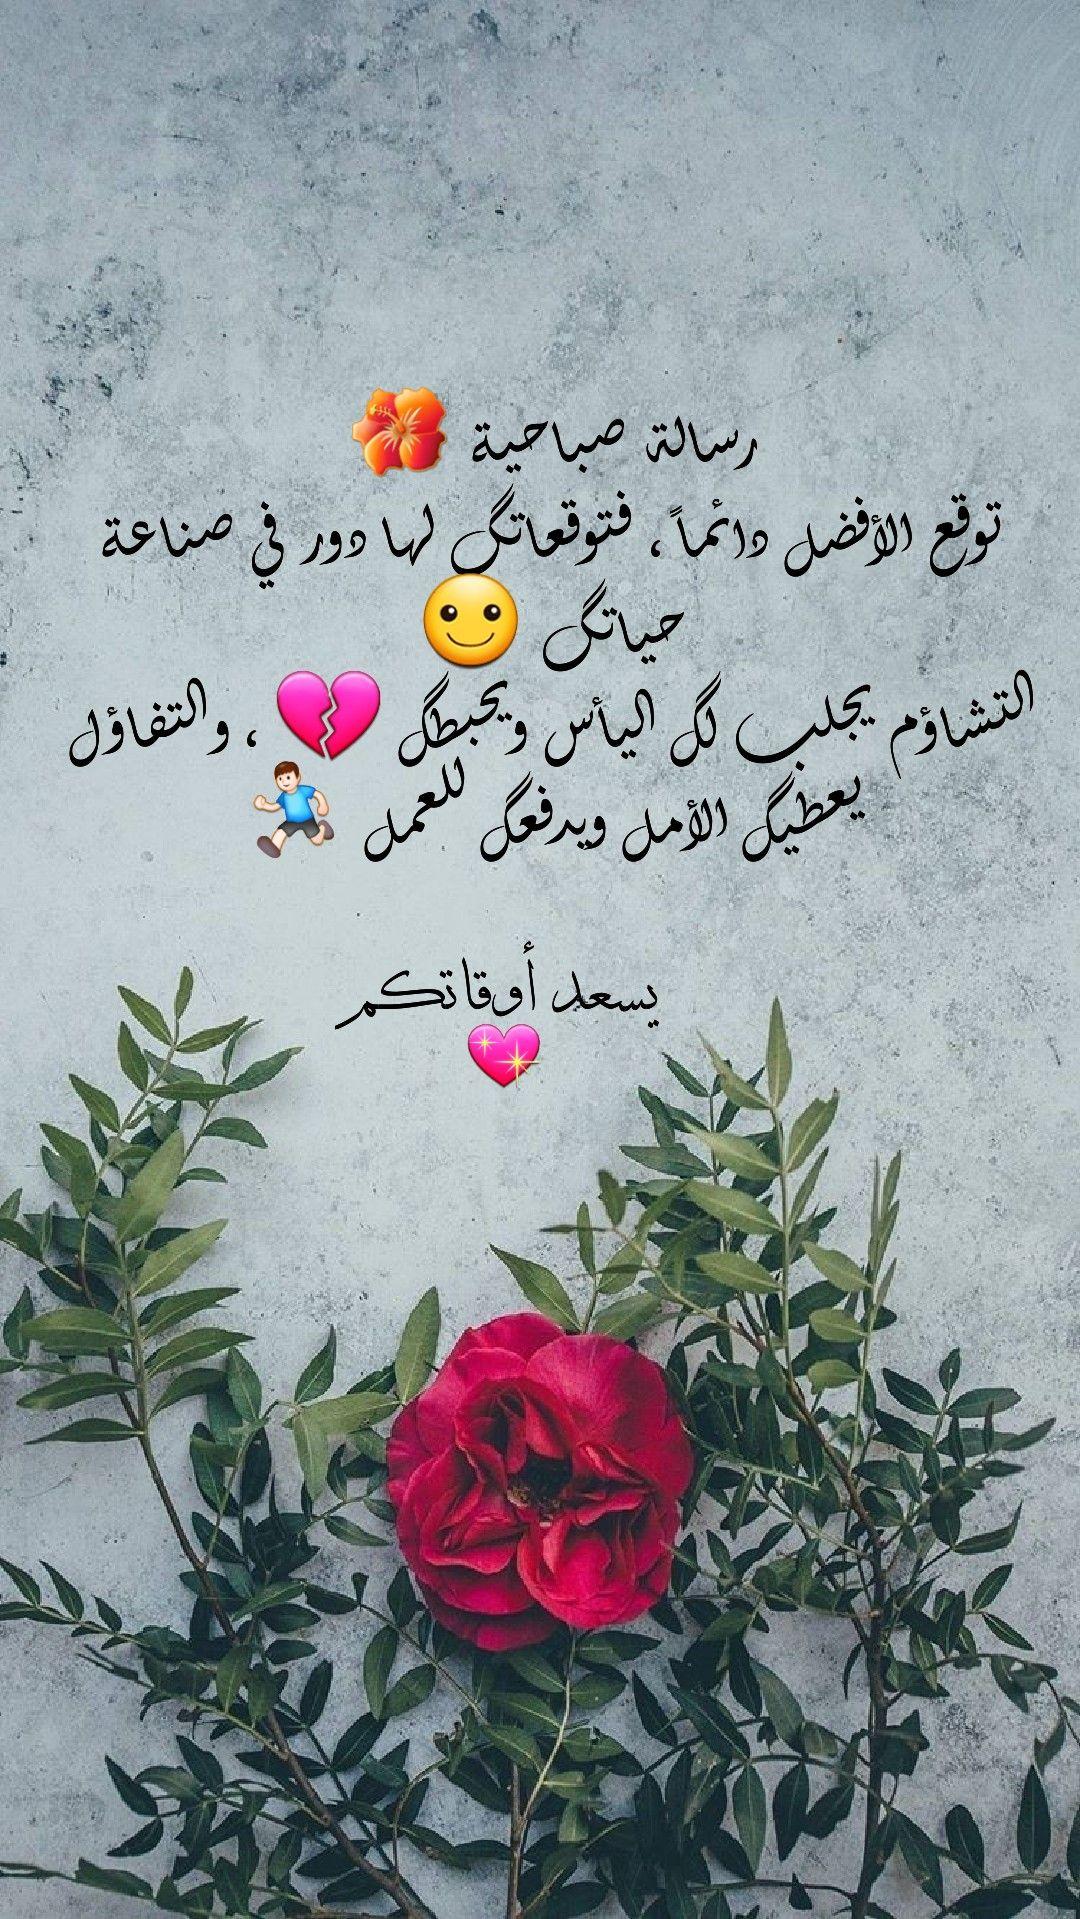 كلام واقعي Good Evening Wishes Good Morning Love Messages Beautiful Rose Flowers